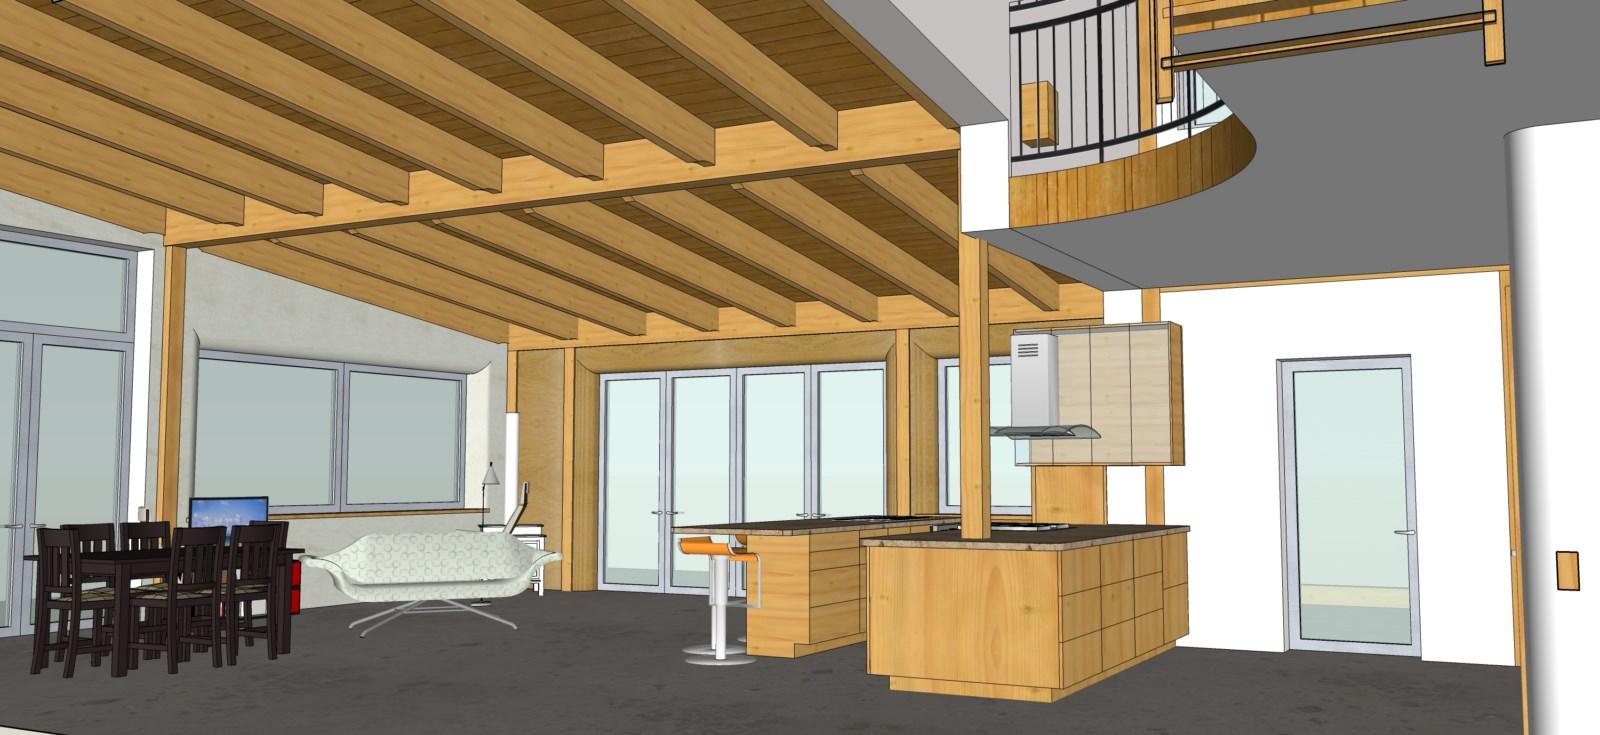 k-toit deux pentes 8 [1600x1200].jpg